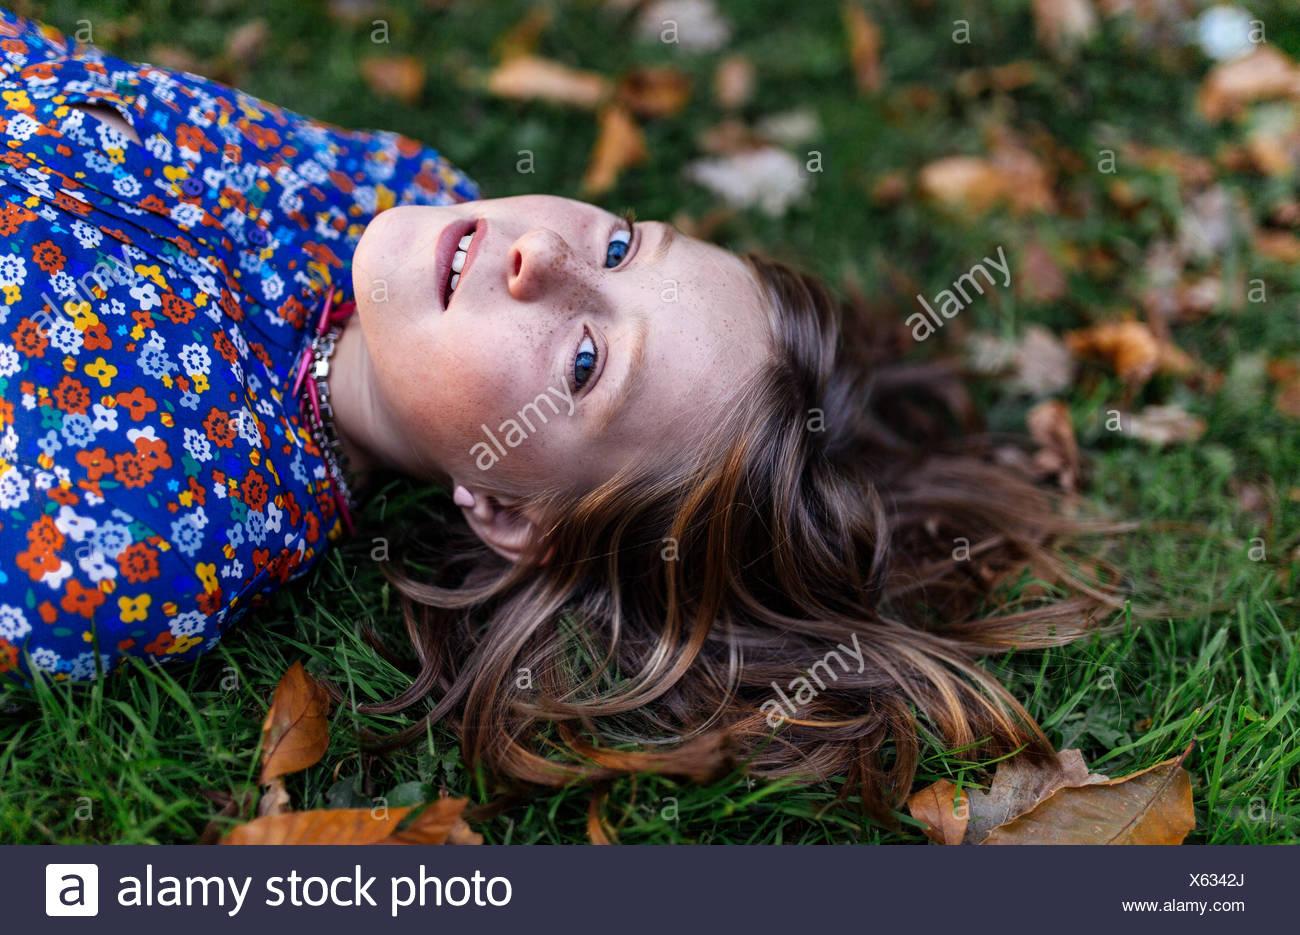 Porträt eines Mädchens auf einer Wiese liegend Stockbild